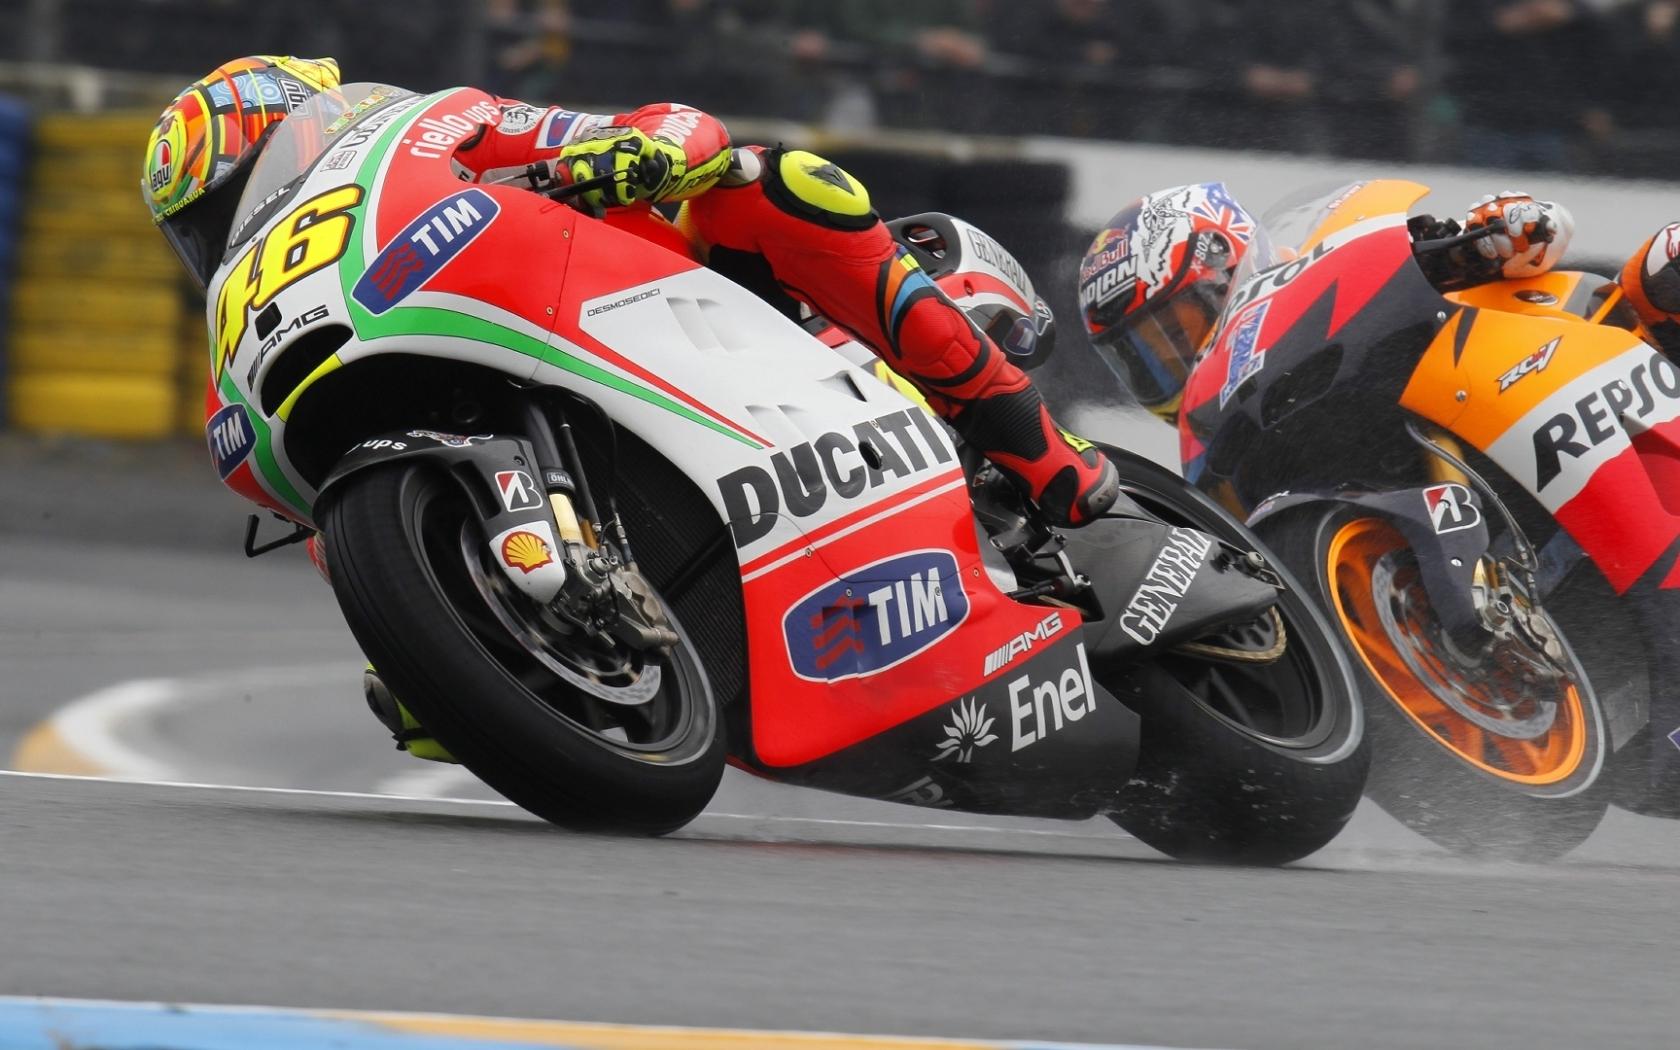 Moto Ducati VS Honda - 1680x1050